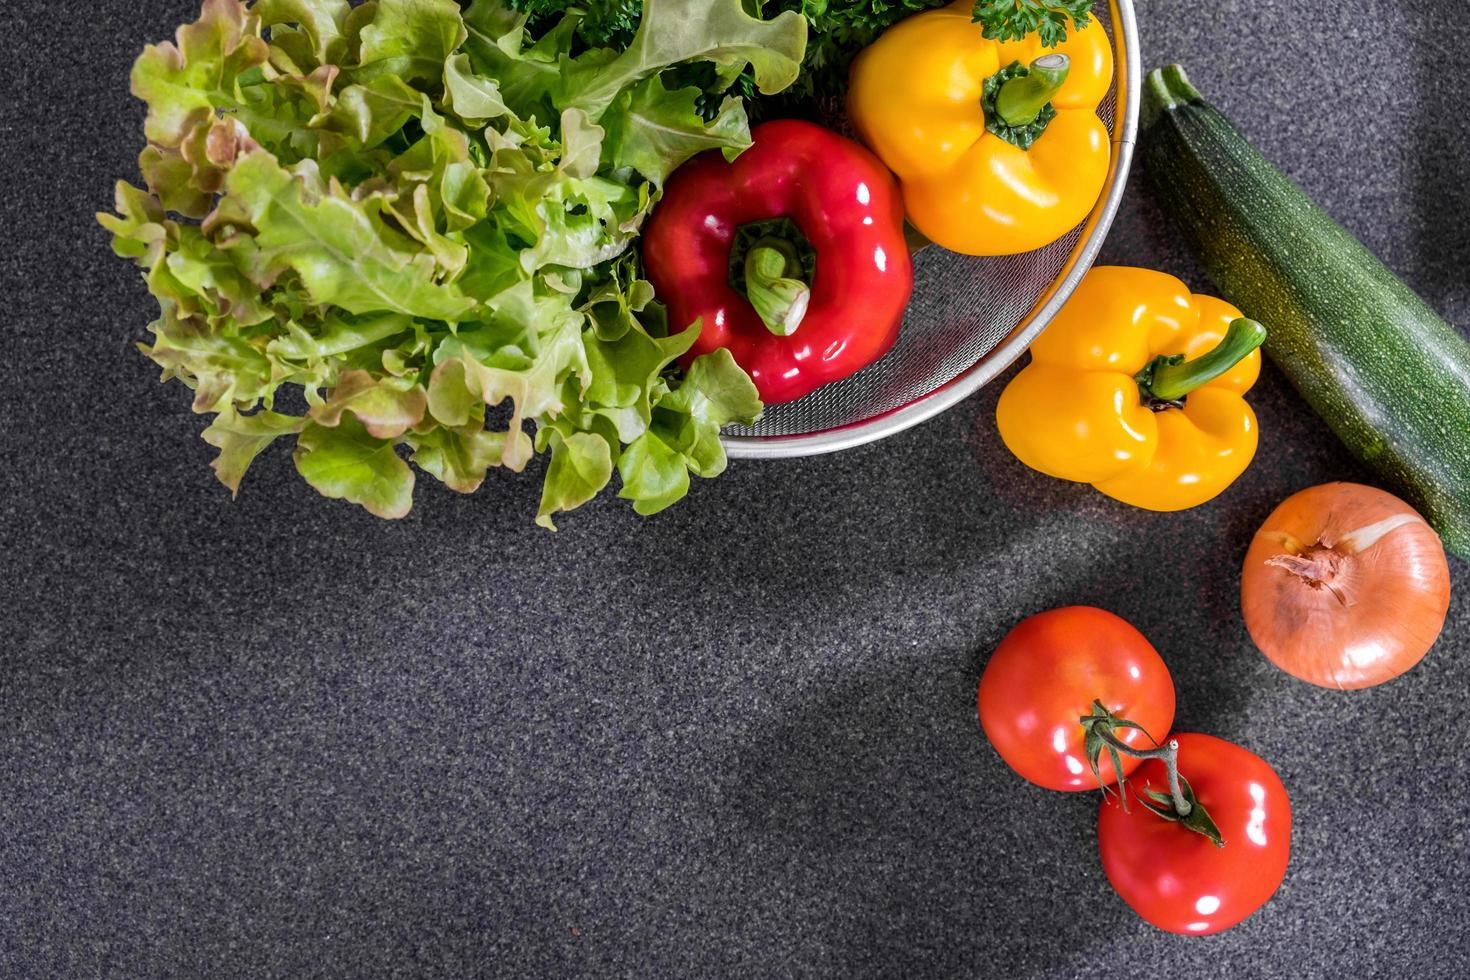 ingrédients pour salade sur comptoir en granit photo